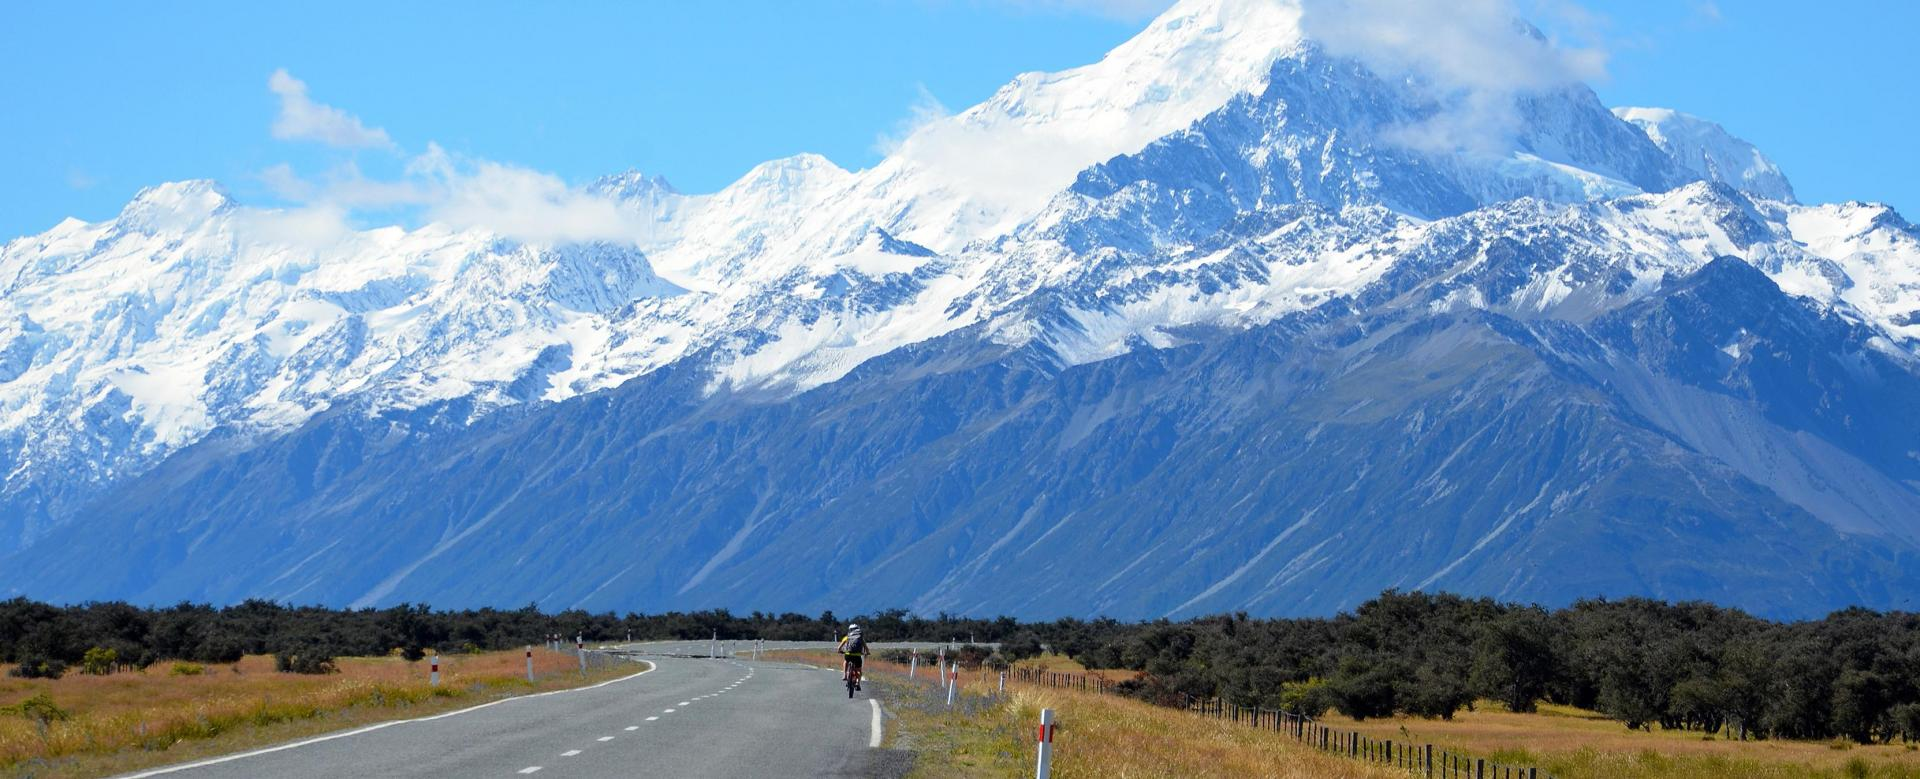 Voyage à pied : Vélo et rando en nouvelle-zélande